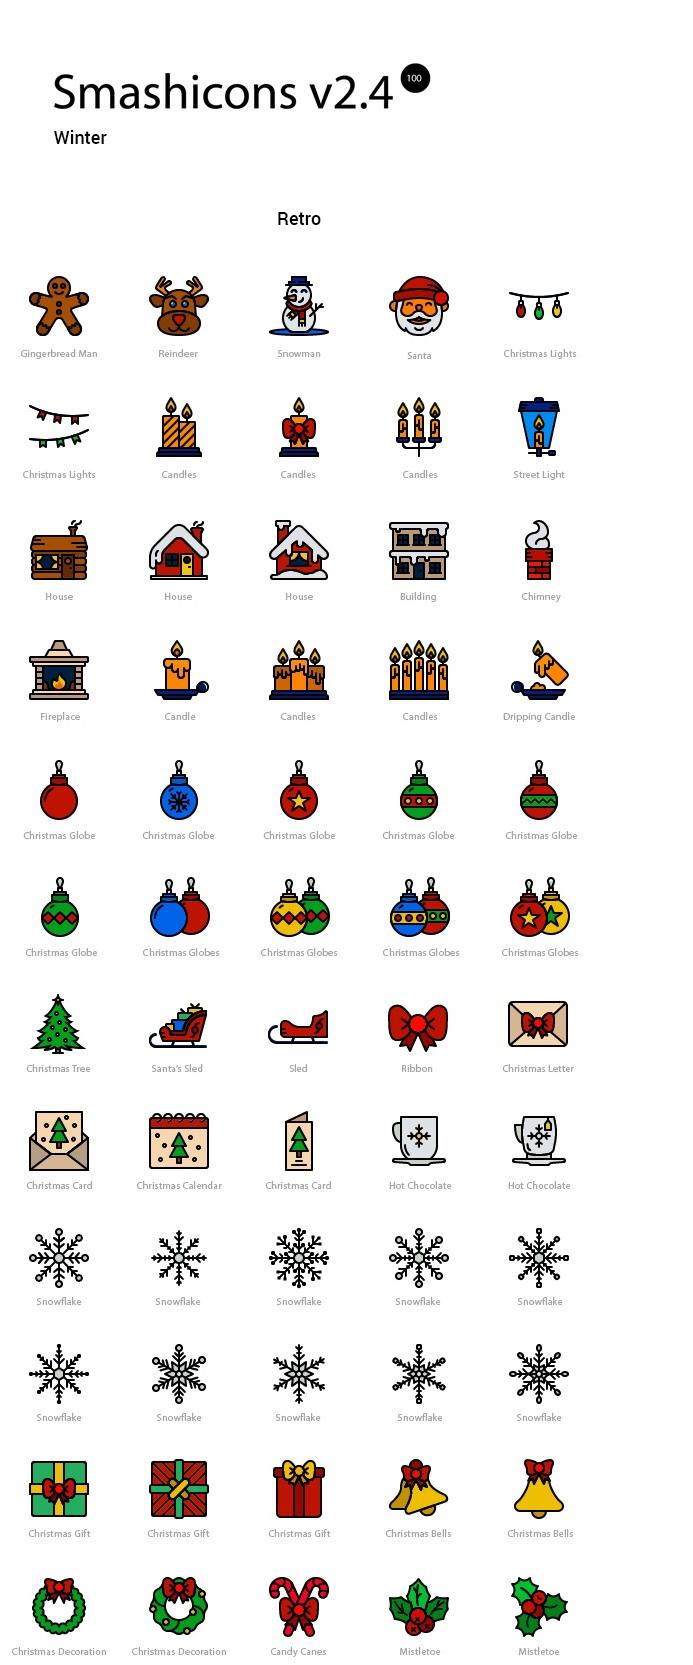 100 icônes sur l'hiver + 10 photos de Noël à télécharger gratuitement